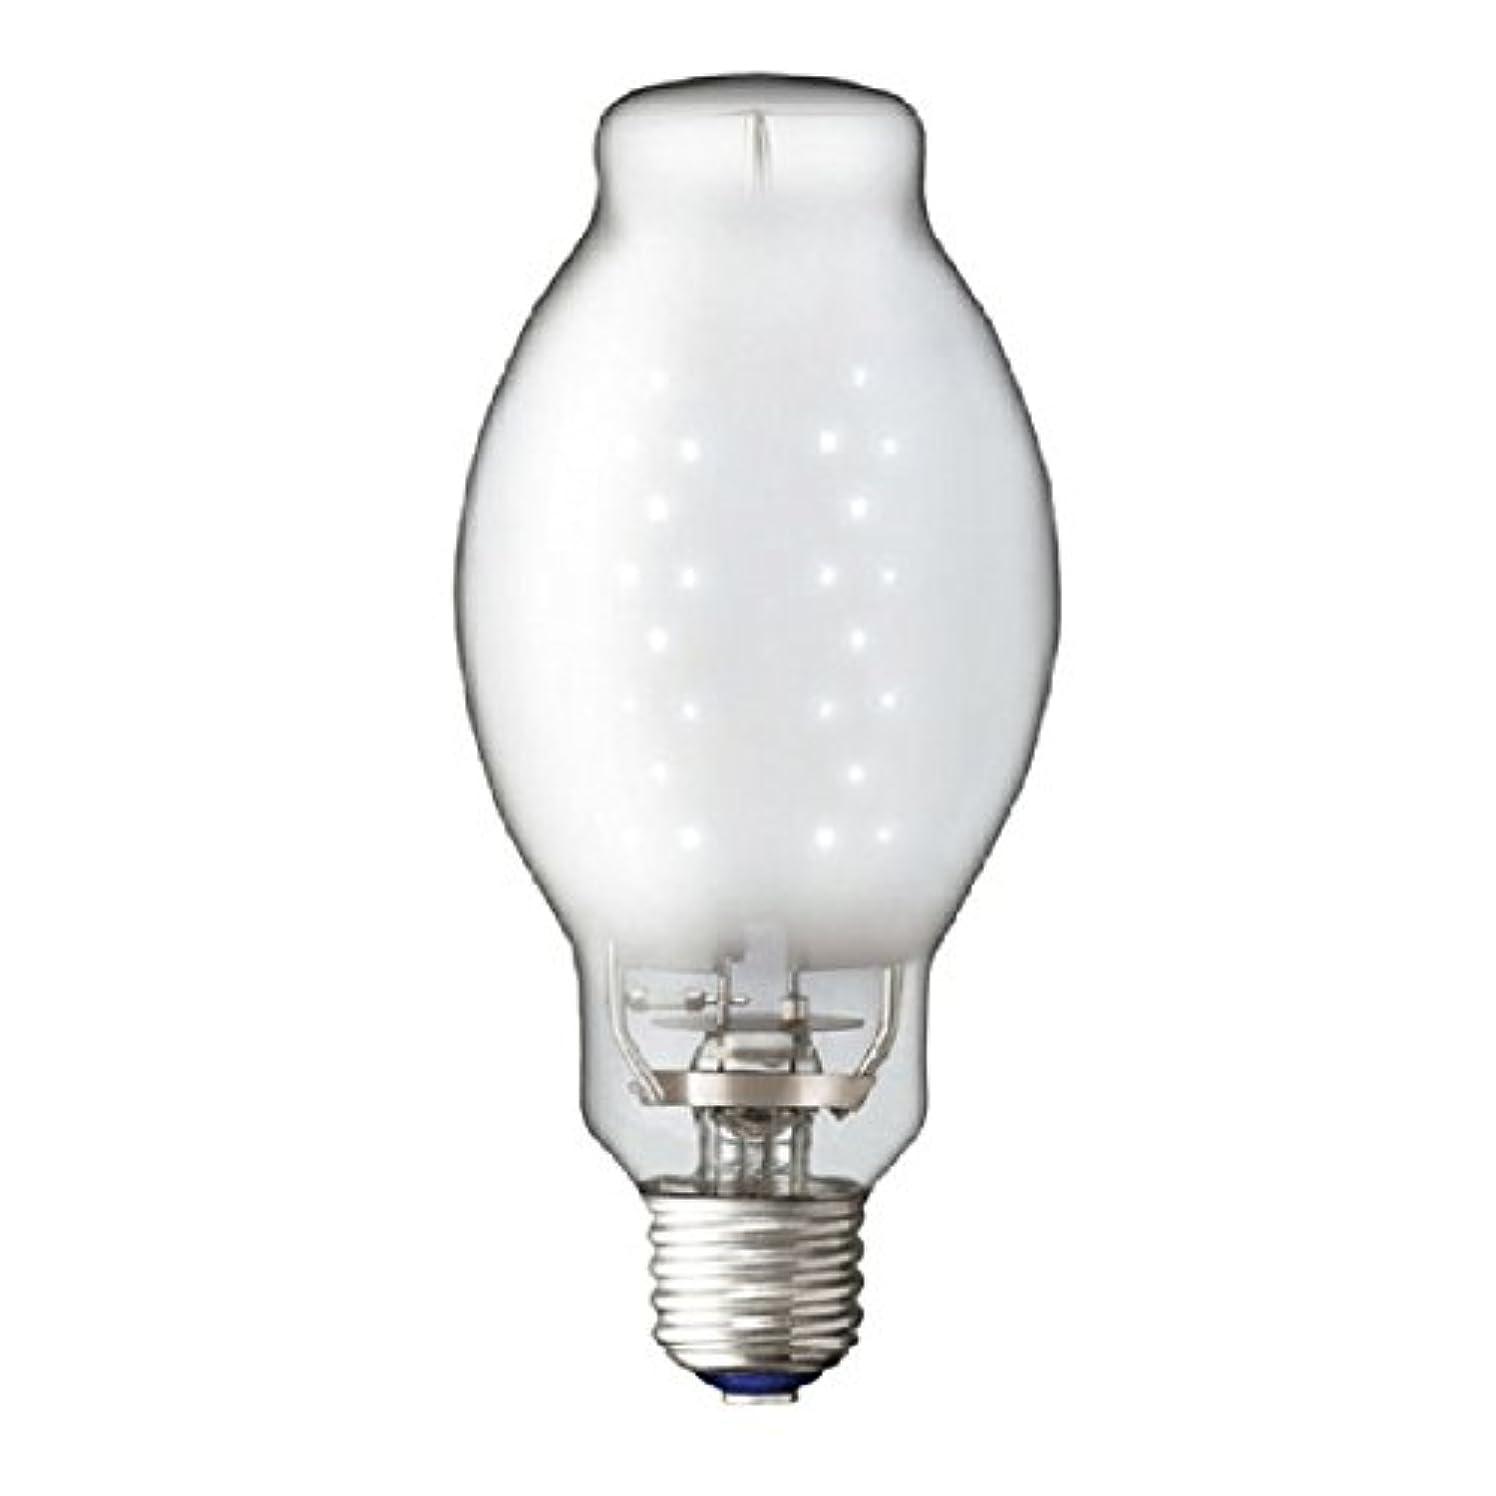 弾丸成人期尽きる岩崎電機 LED電球 レディオック LEDライトバルブG 水銀ランプ40W相当 ランプ電力12W 昼白色 E26口金 LDS12N-G/GC